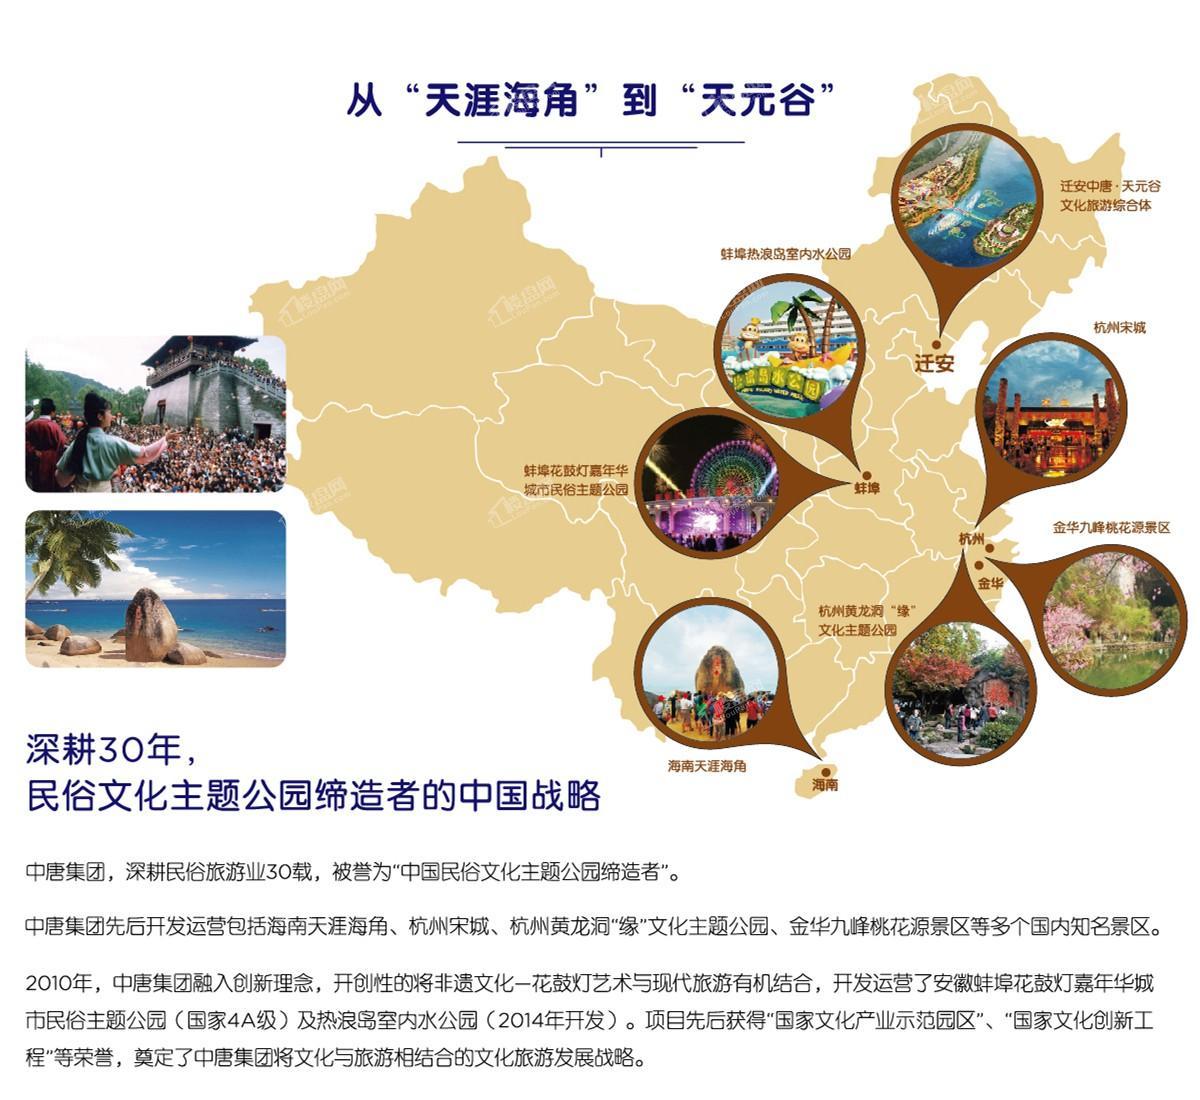 中唐·天元谷位置图